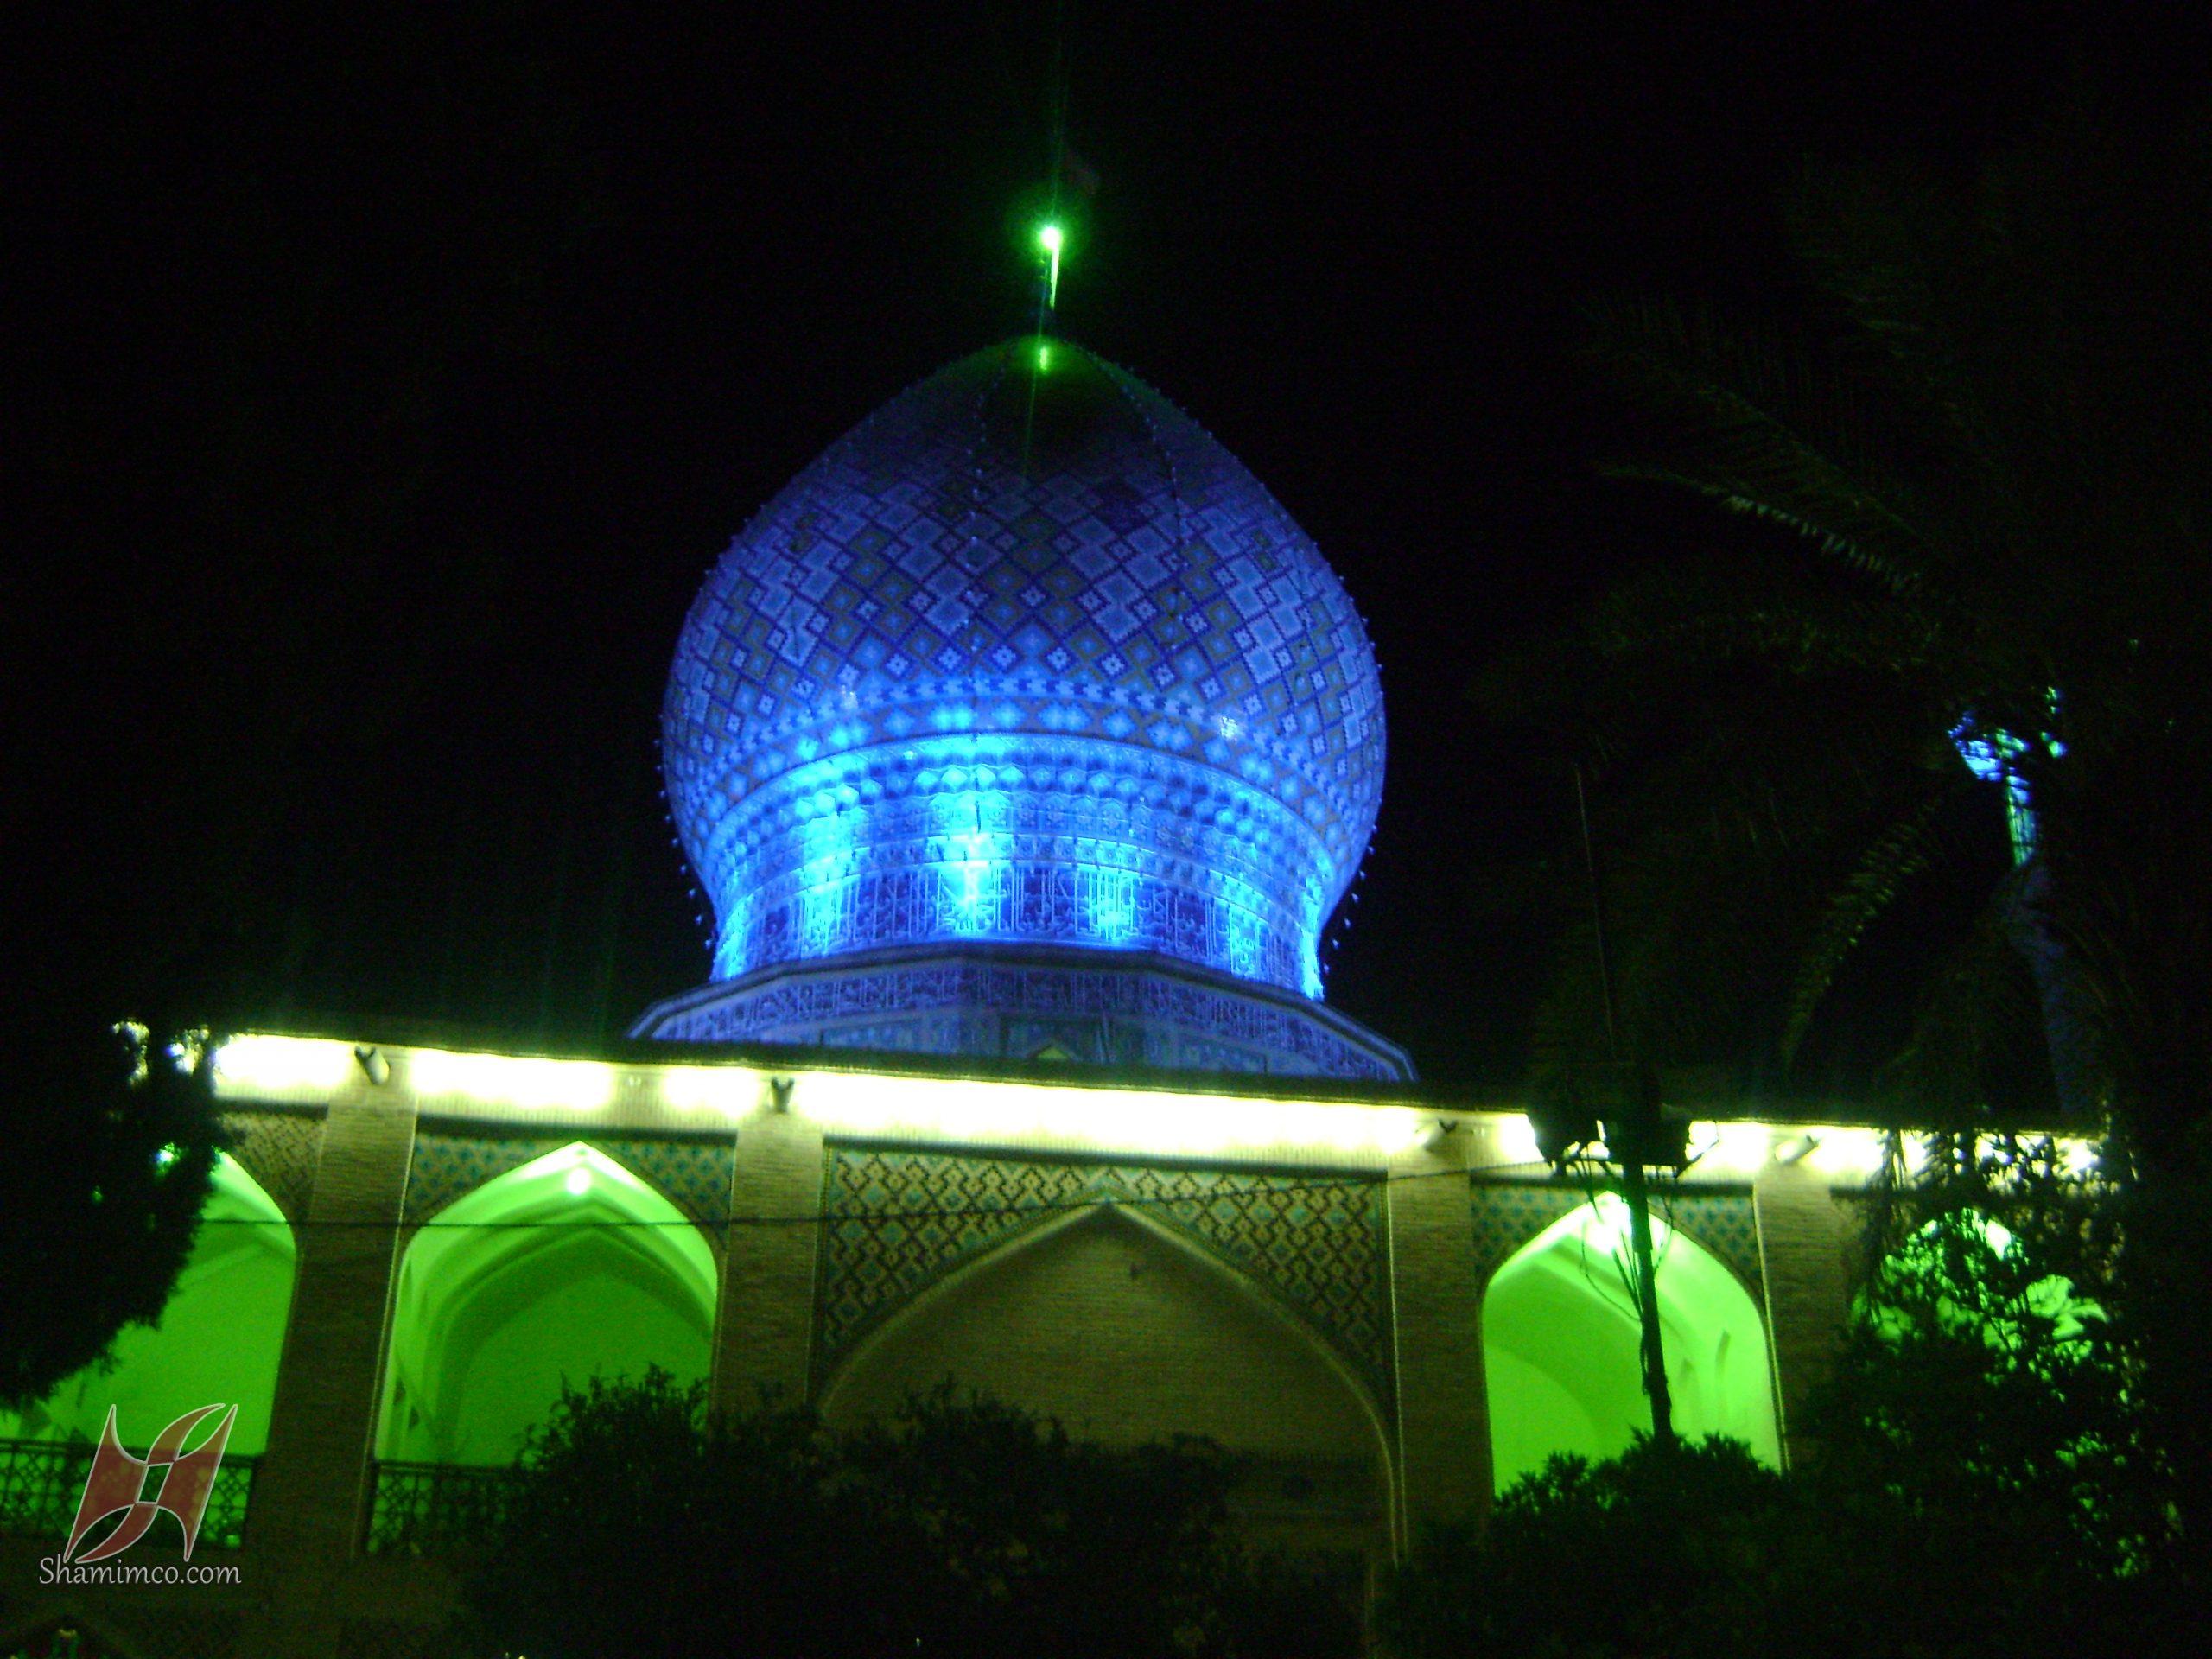 نورپردازی مسجد علی ابن حمزه